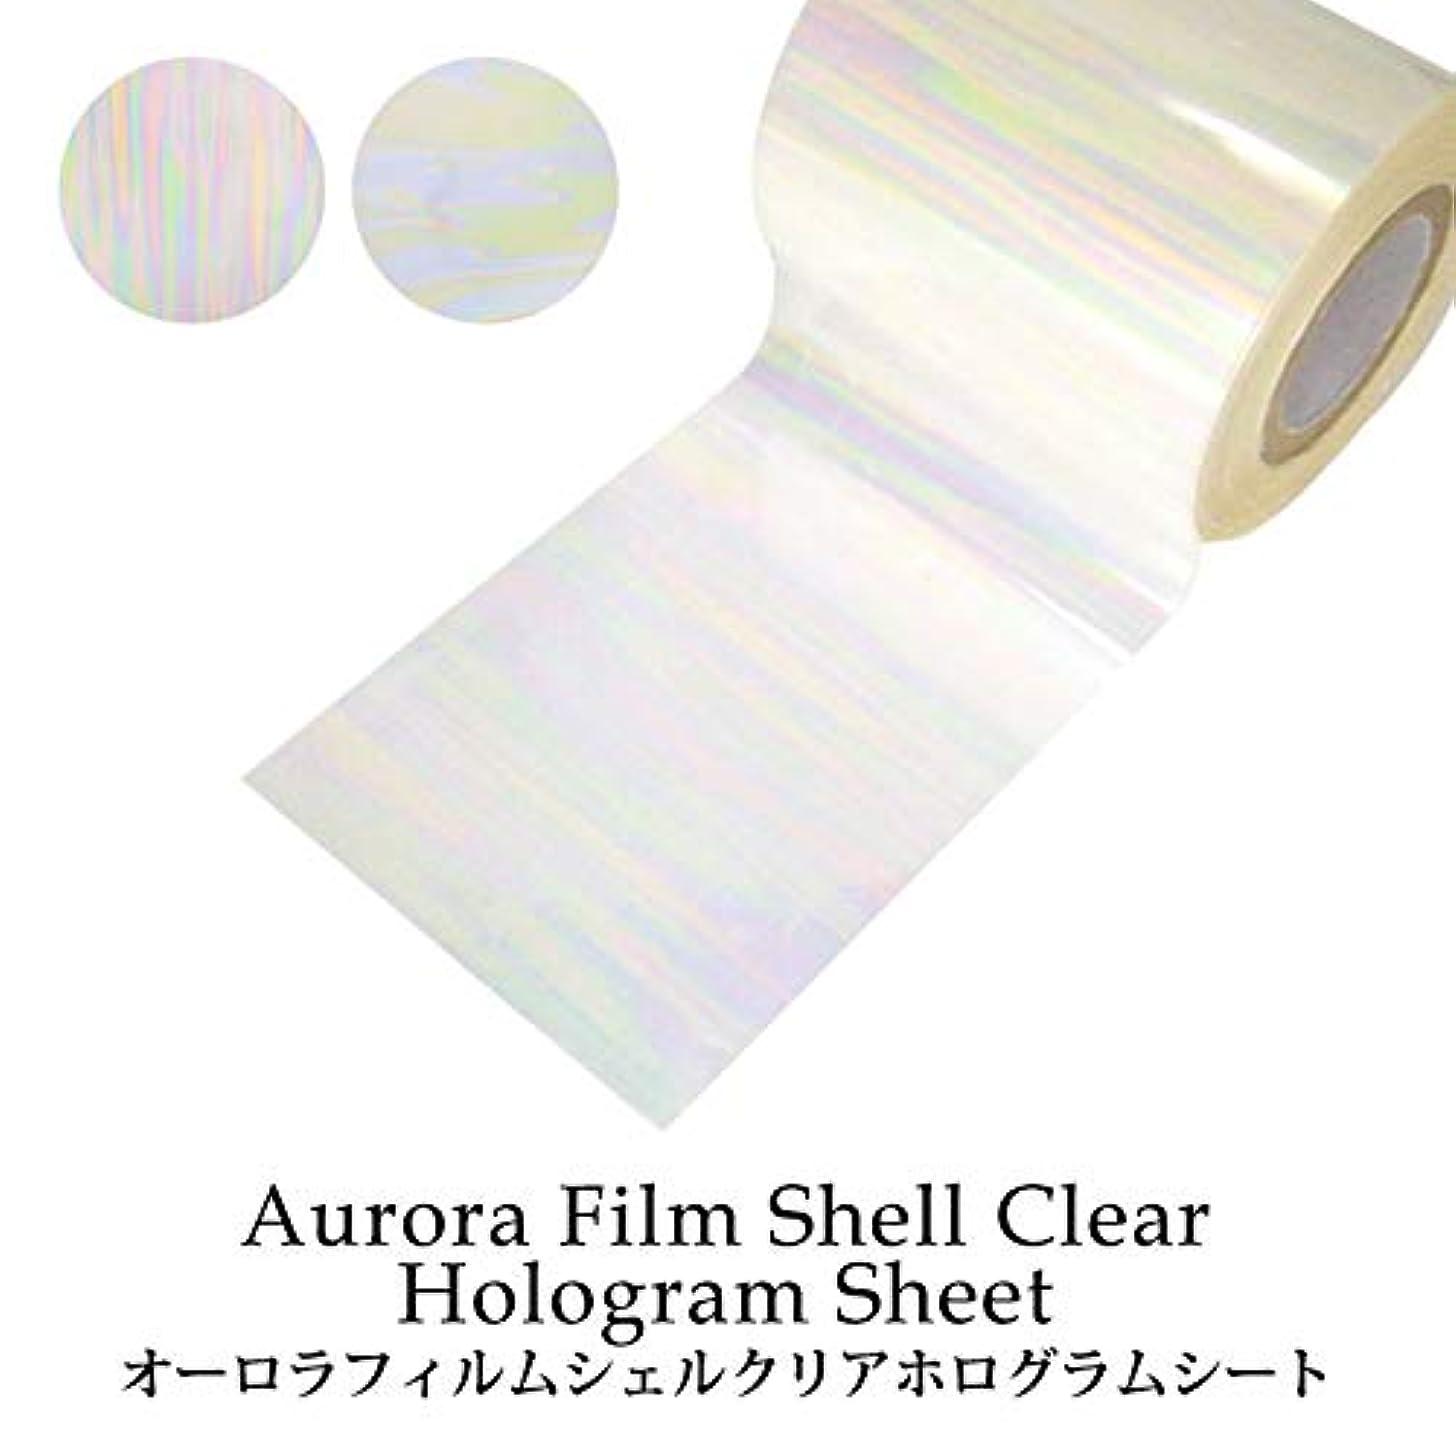 フォルダブロッサムグッゲンハイム美術館オーロラフィルム シェルクリア ホログラムシート(1-2) 1枚入り (2.シェルクリア(横))